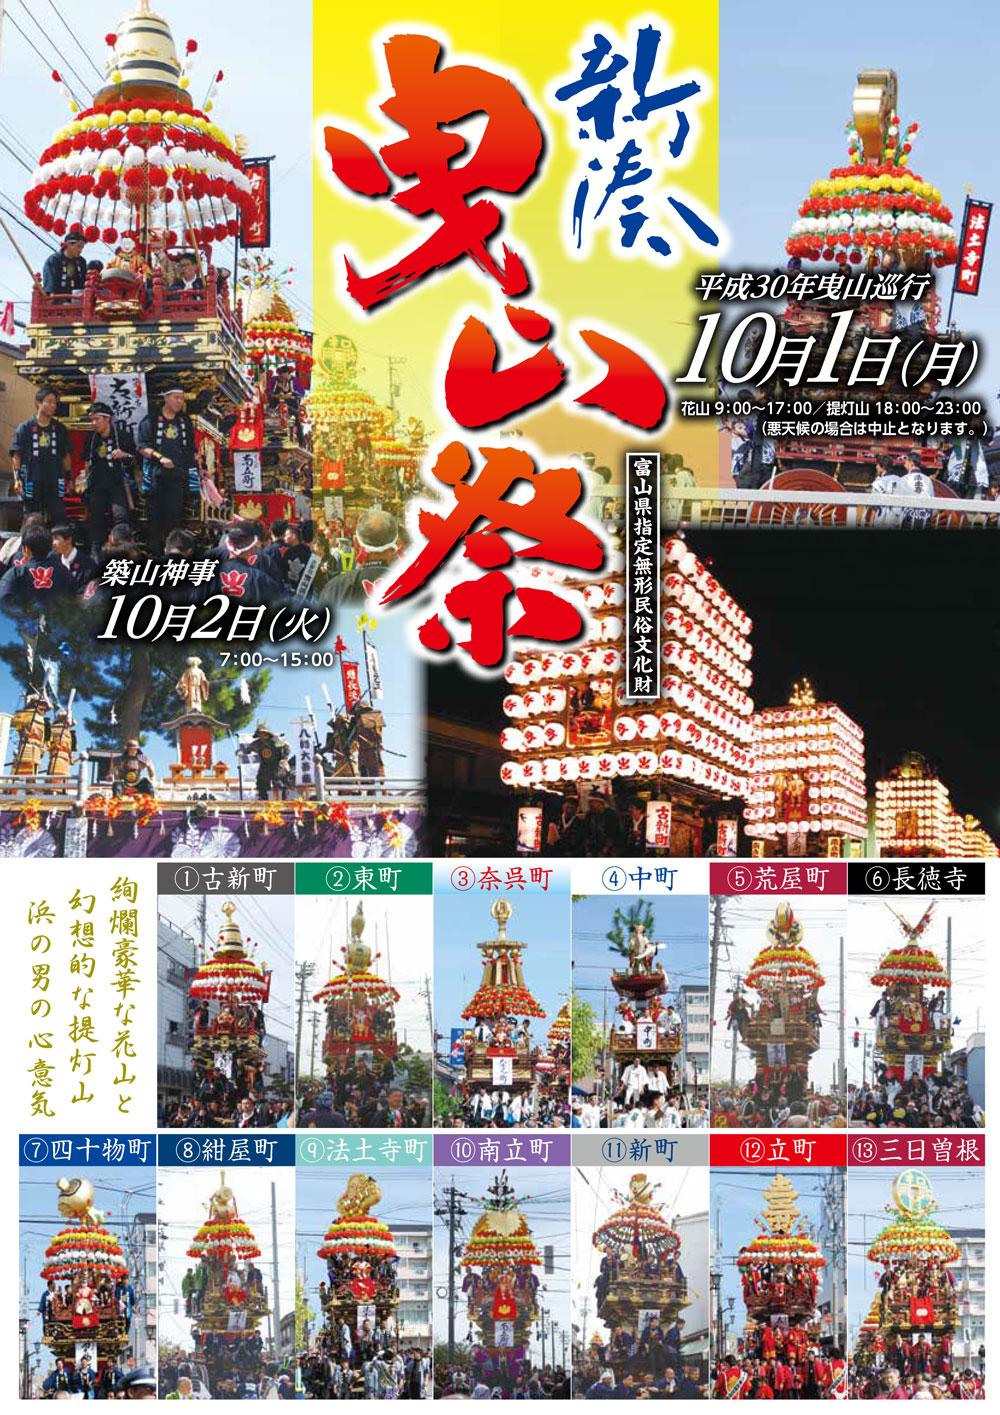 「人生の約束」ロケ地、舞台となった新湊の曳山祭2018のポスター